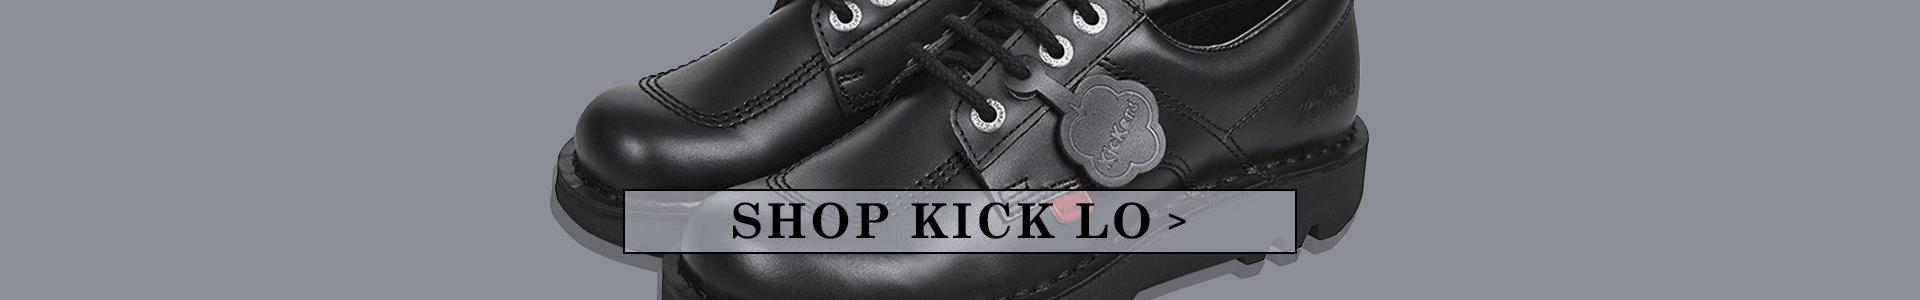 Shop Kick Lo Collection